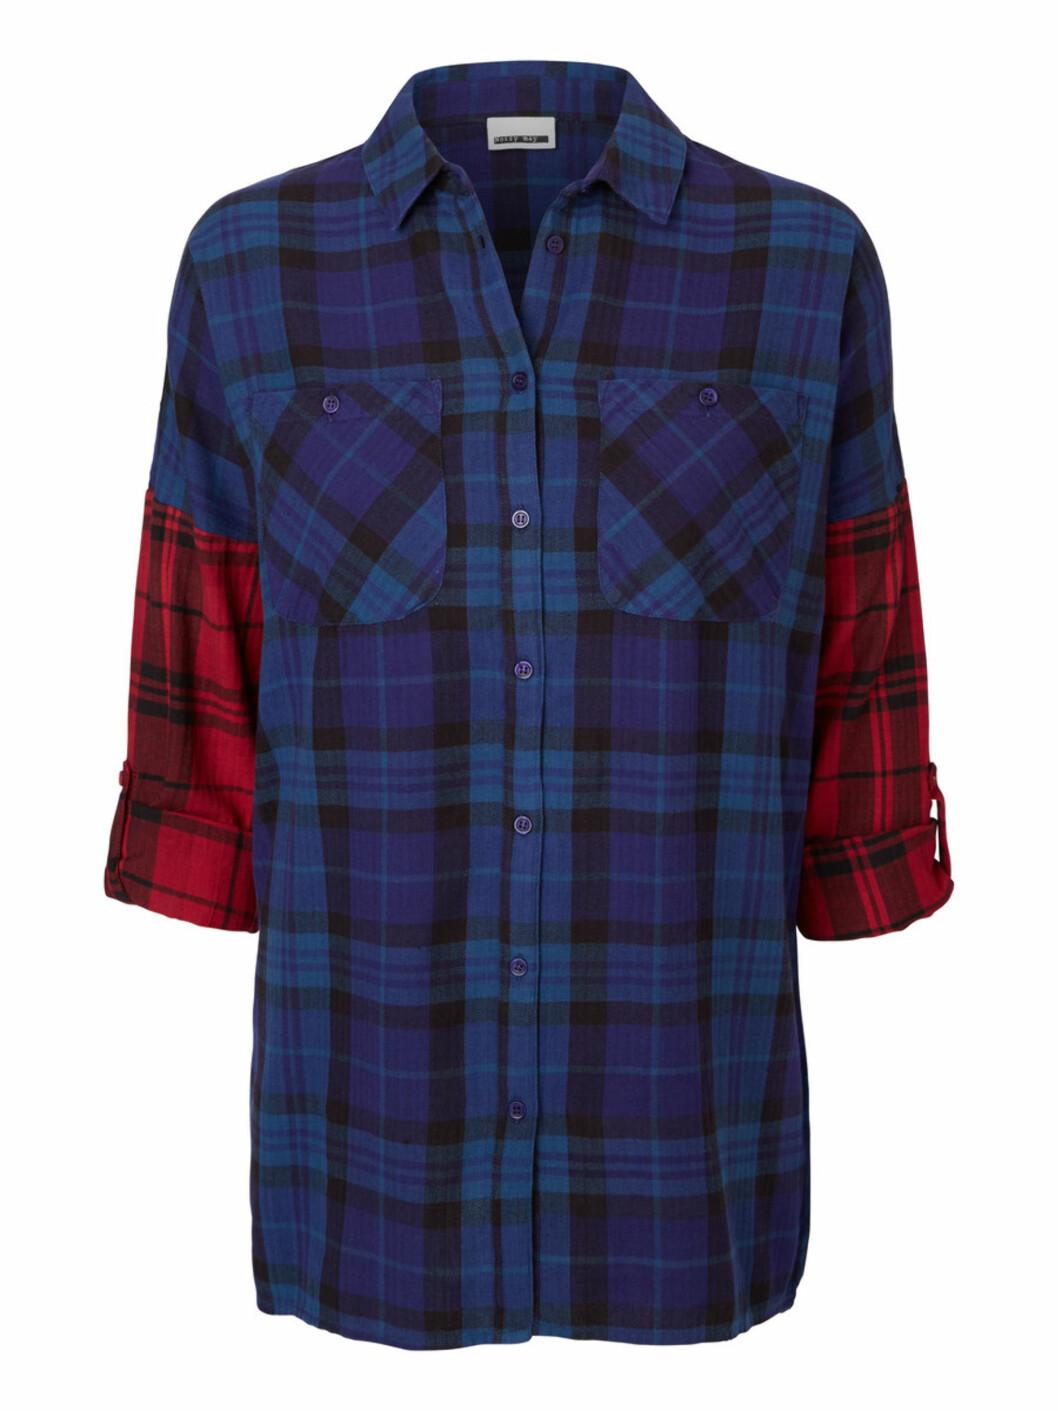 Skjorte fra Vero Moda, kr 299,95. Foto: Produsenten